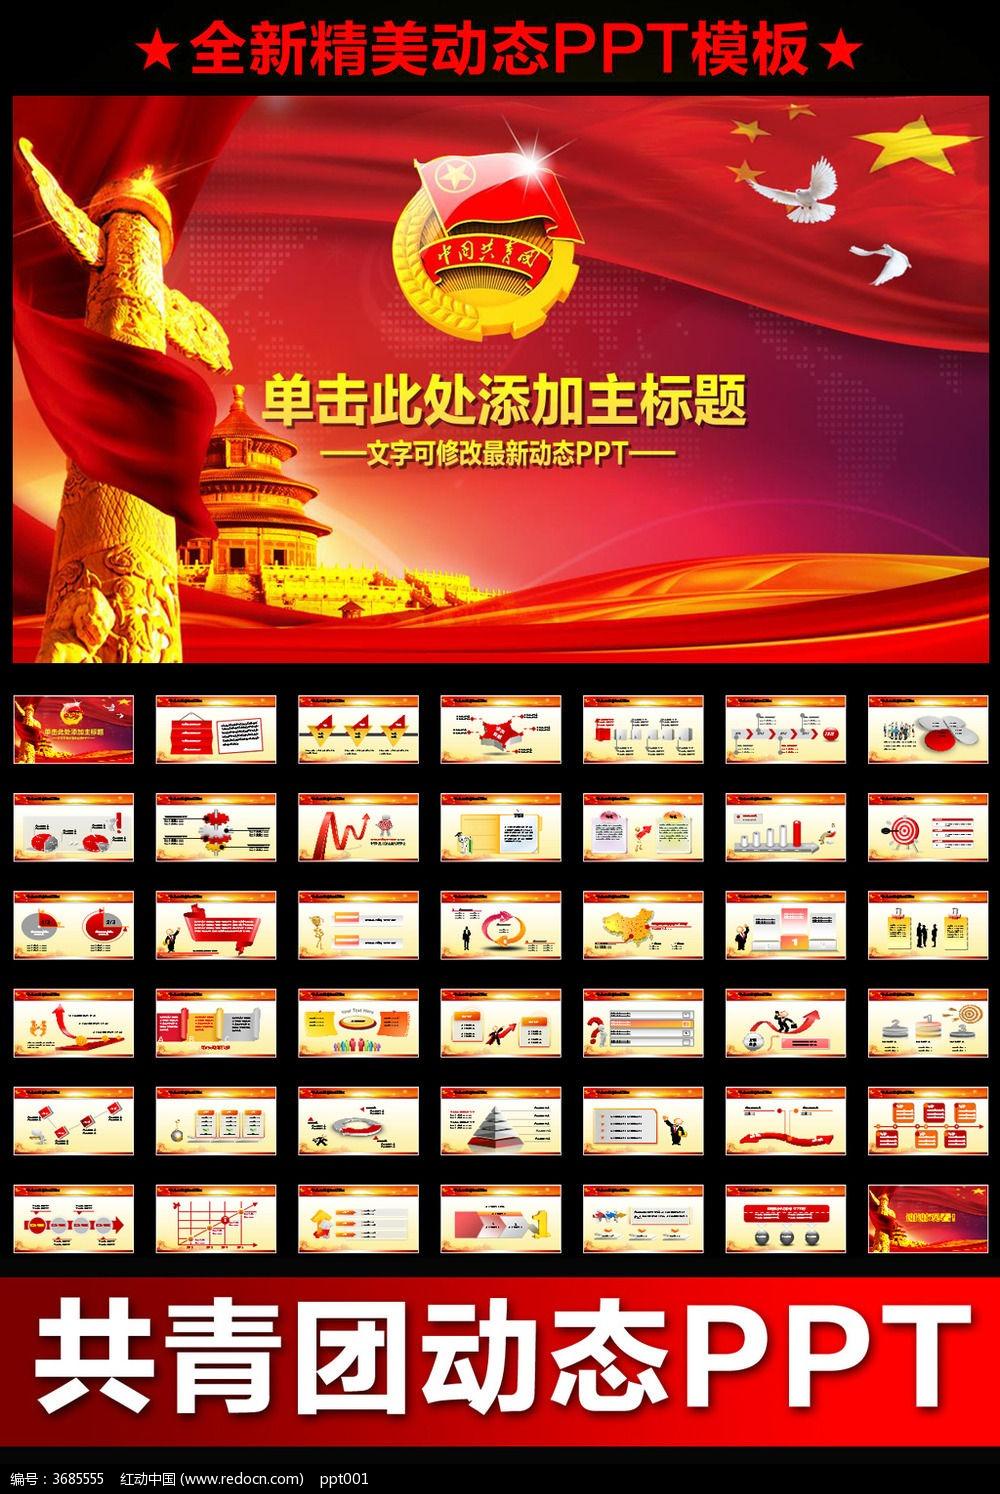 中国共青团新年计划ppt模板图片